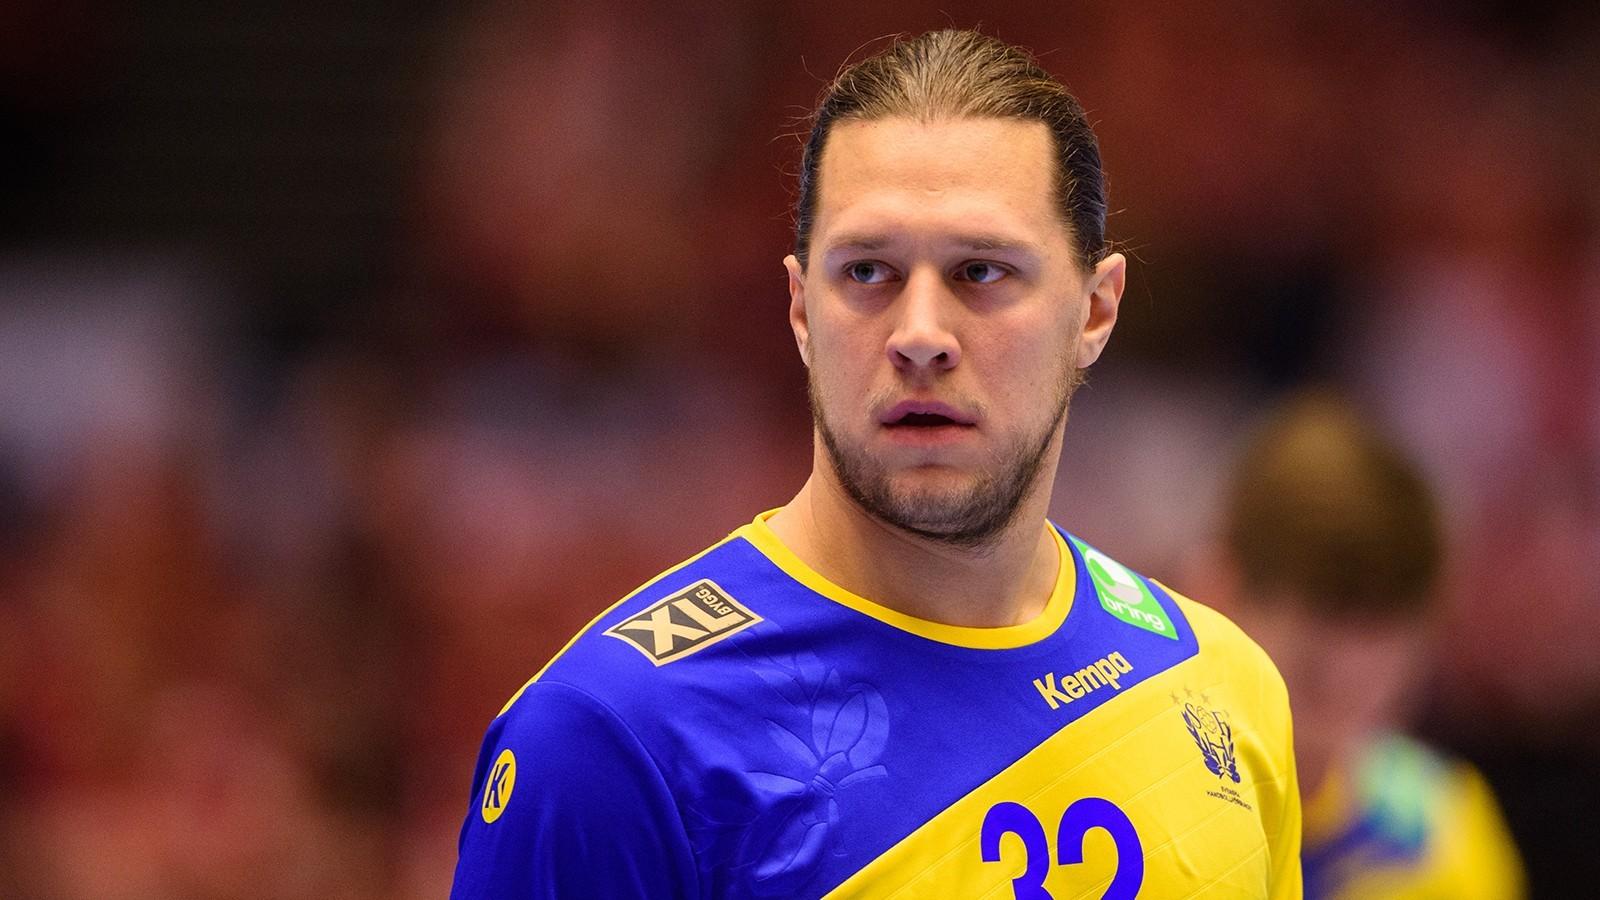 El triste adiós un talento, el sueco Zachrisson, obligado a retirarse a los 30